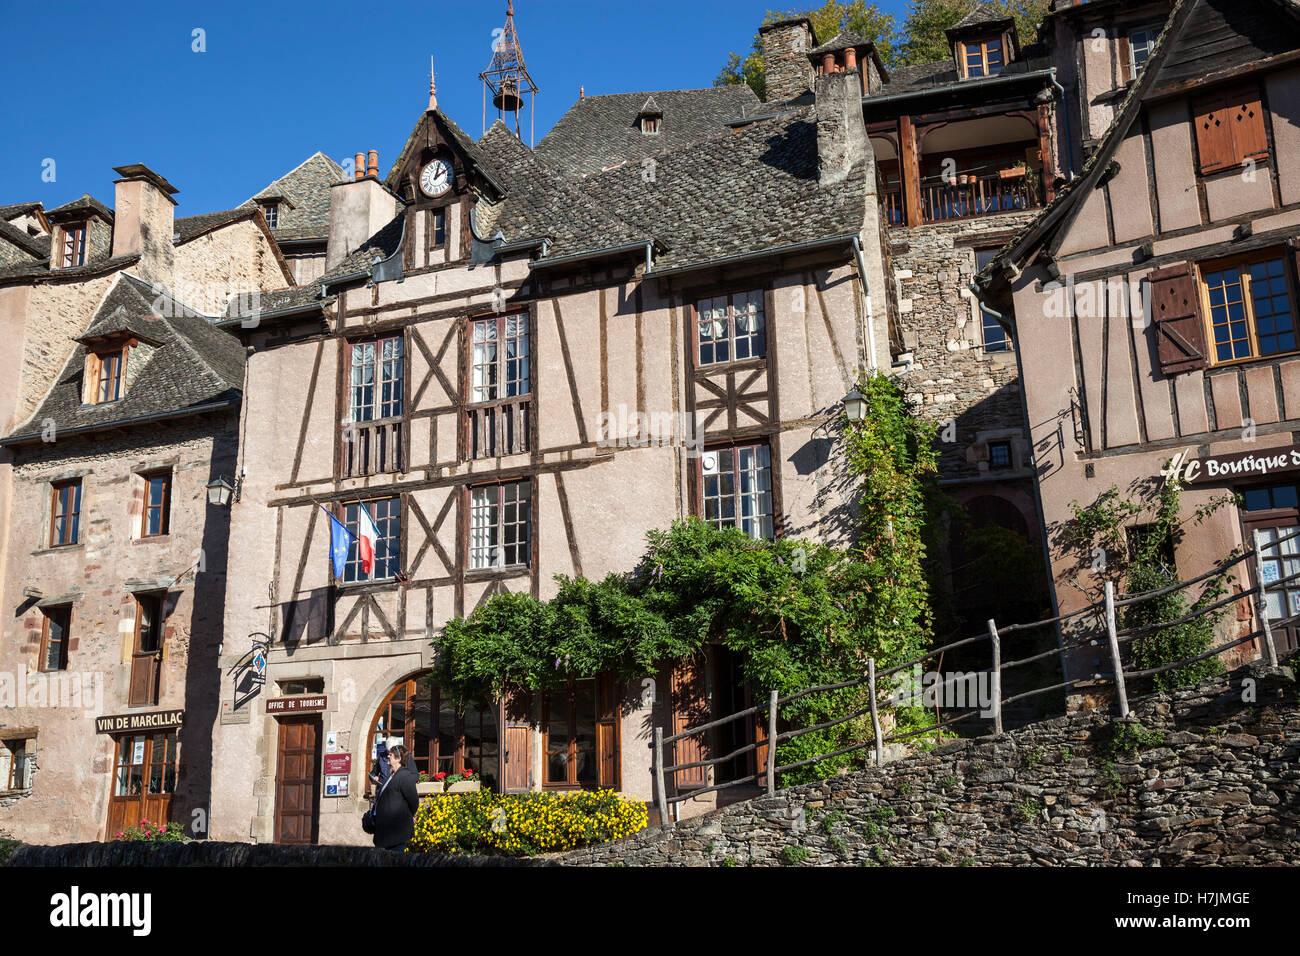 Il piccolo borgo medievale di Conques (Francia). Essa mostra ai visitatori le sue stradine fiancheggiate da vecchi Immagini Stock